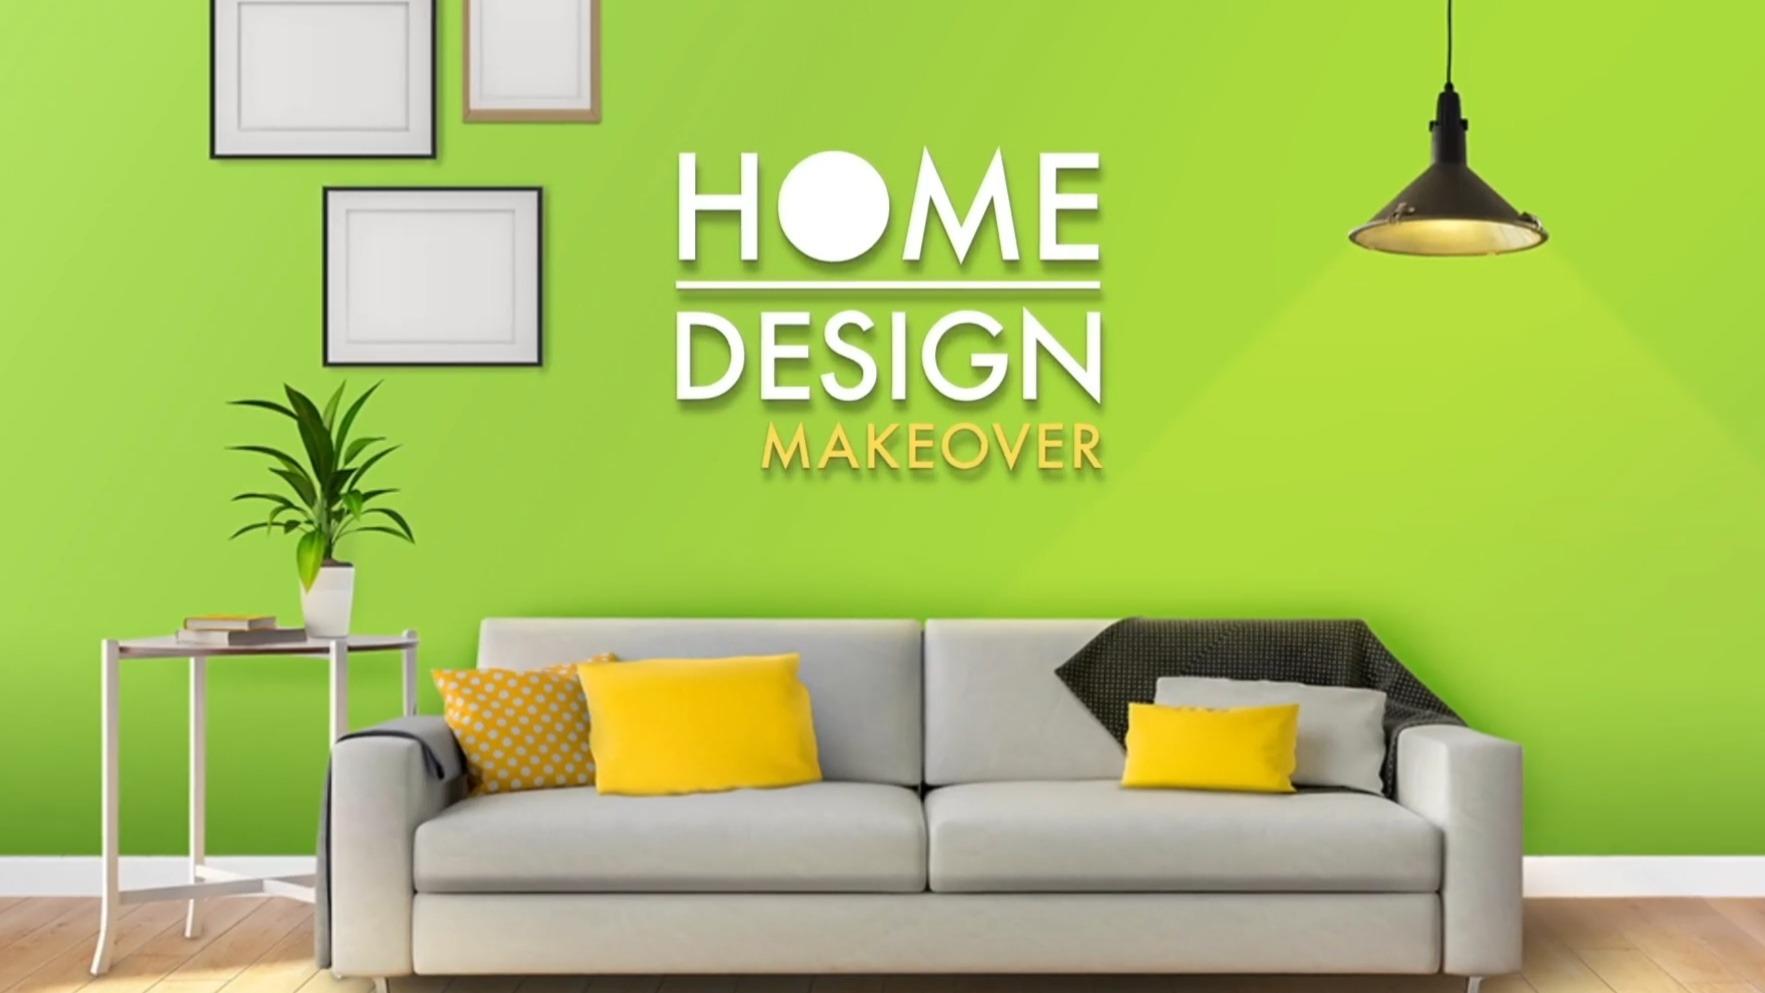 Home Design Makeover MOD APK Hack + Unlimited Money